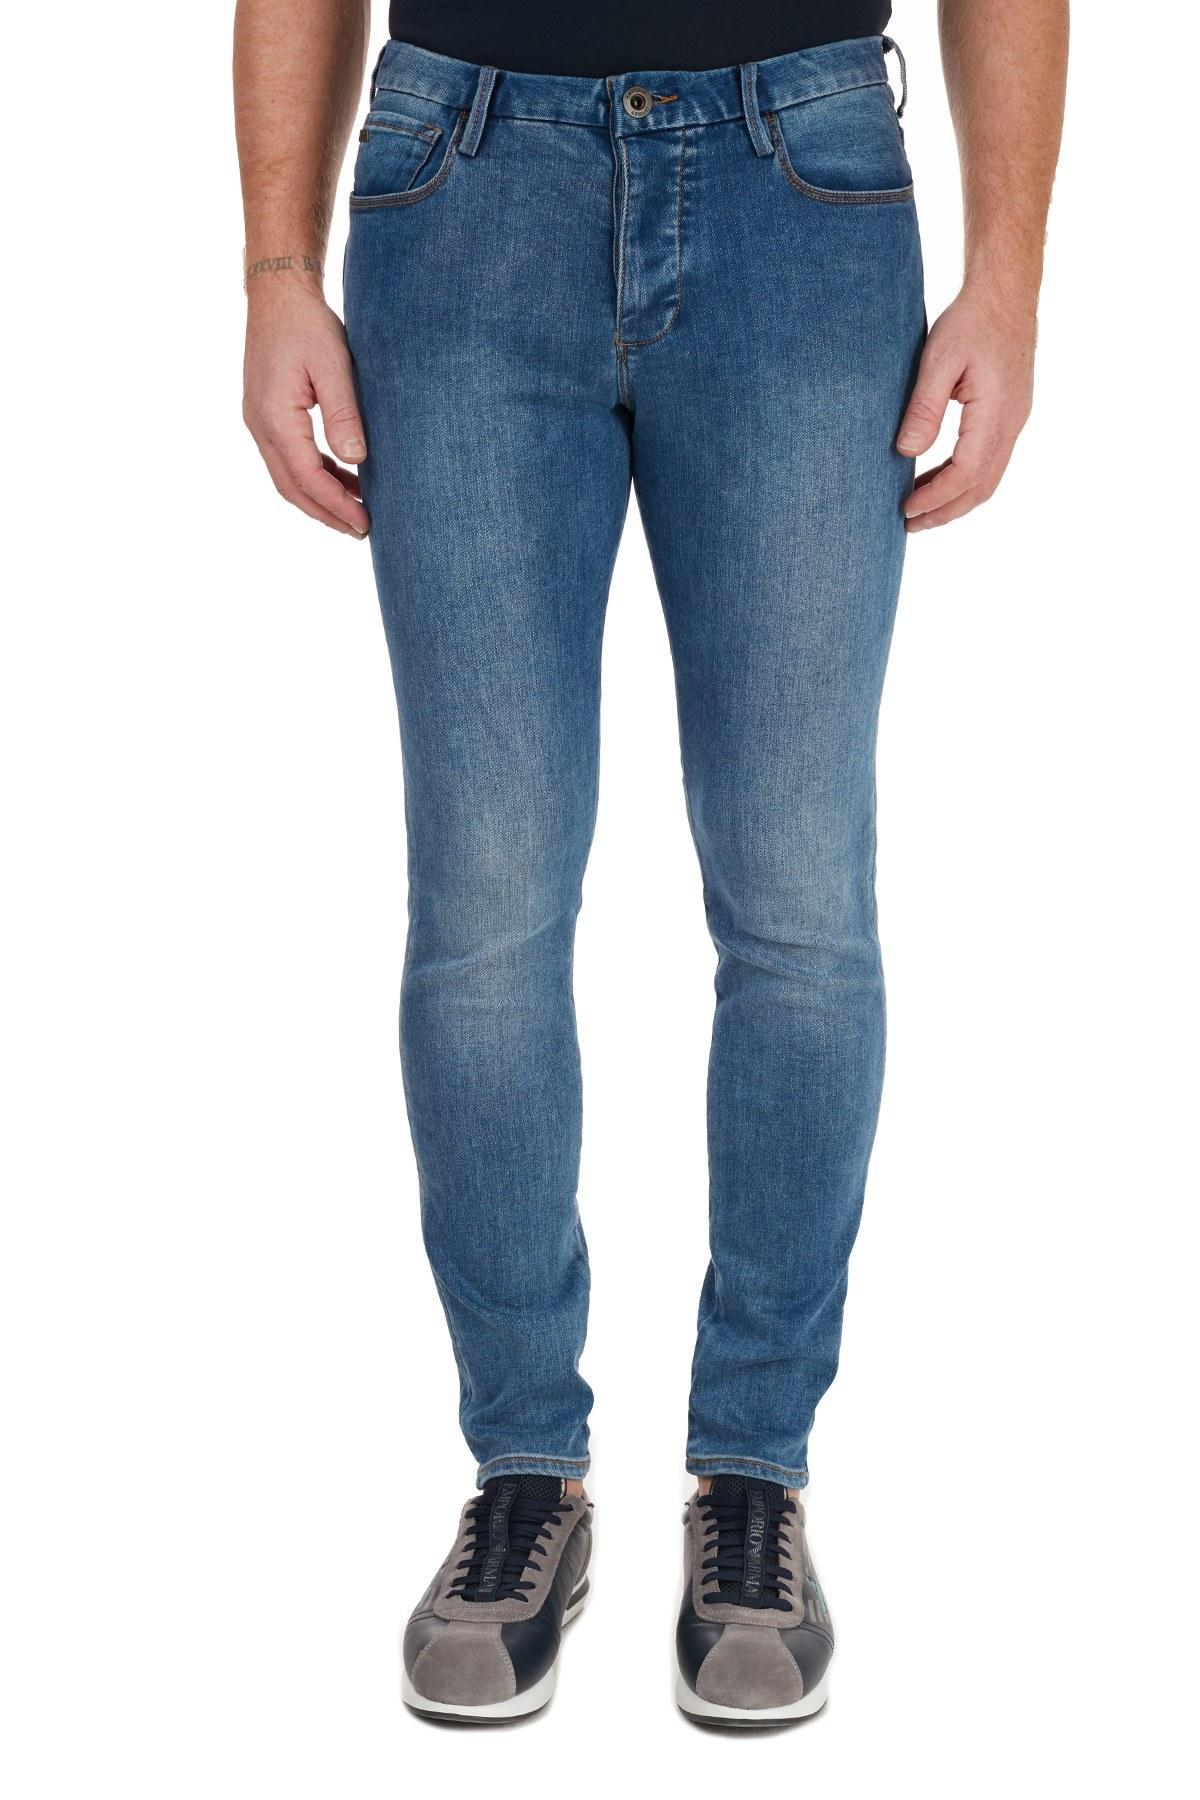 Emporio Armani J11 Jeans Erkek Kot Pantolon 6H1J11 1DPFZ 0942 LACİVERT